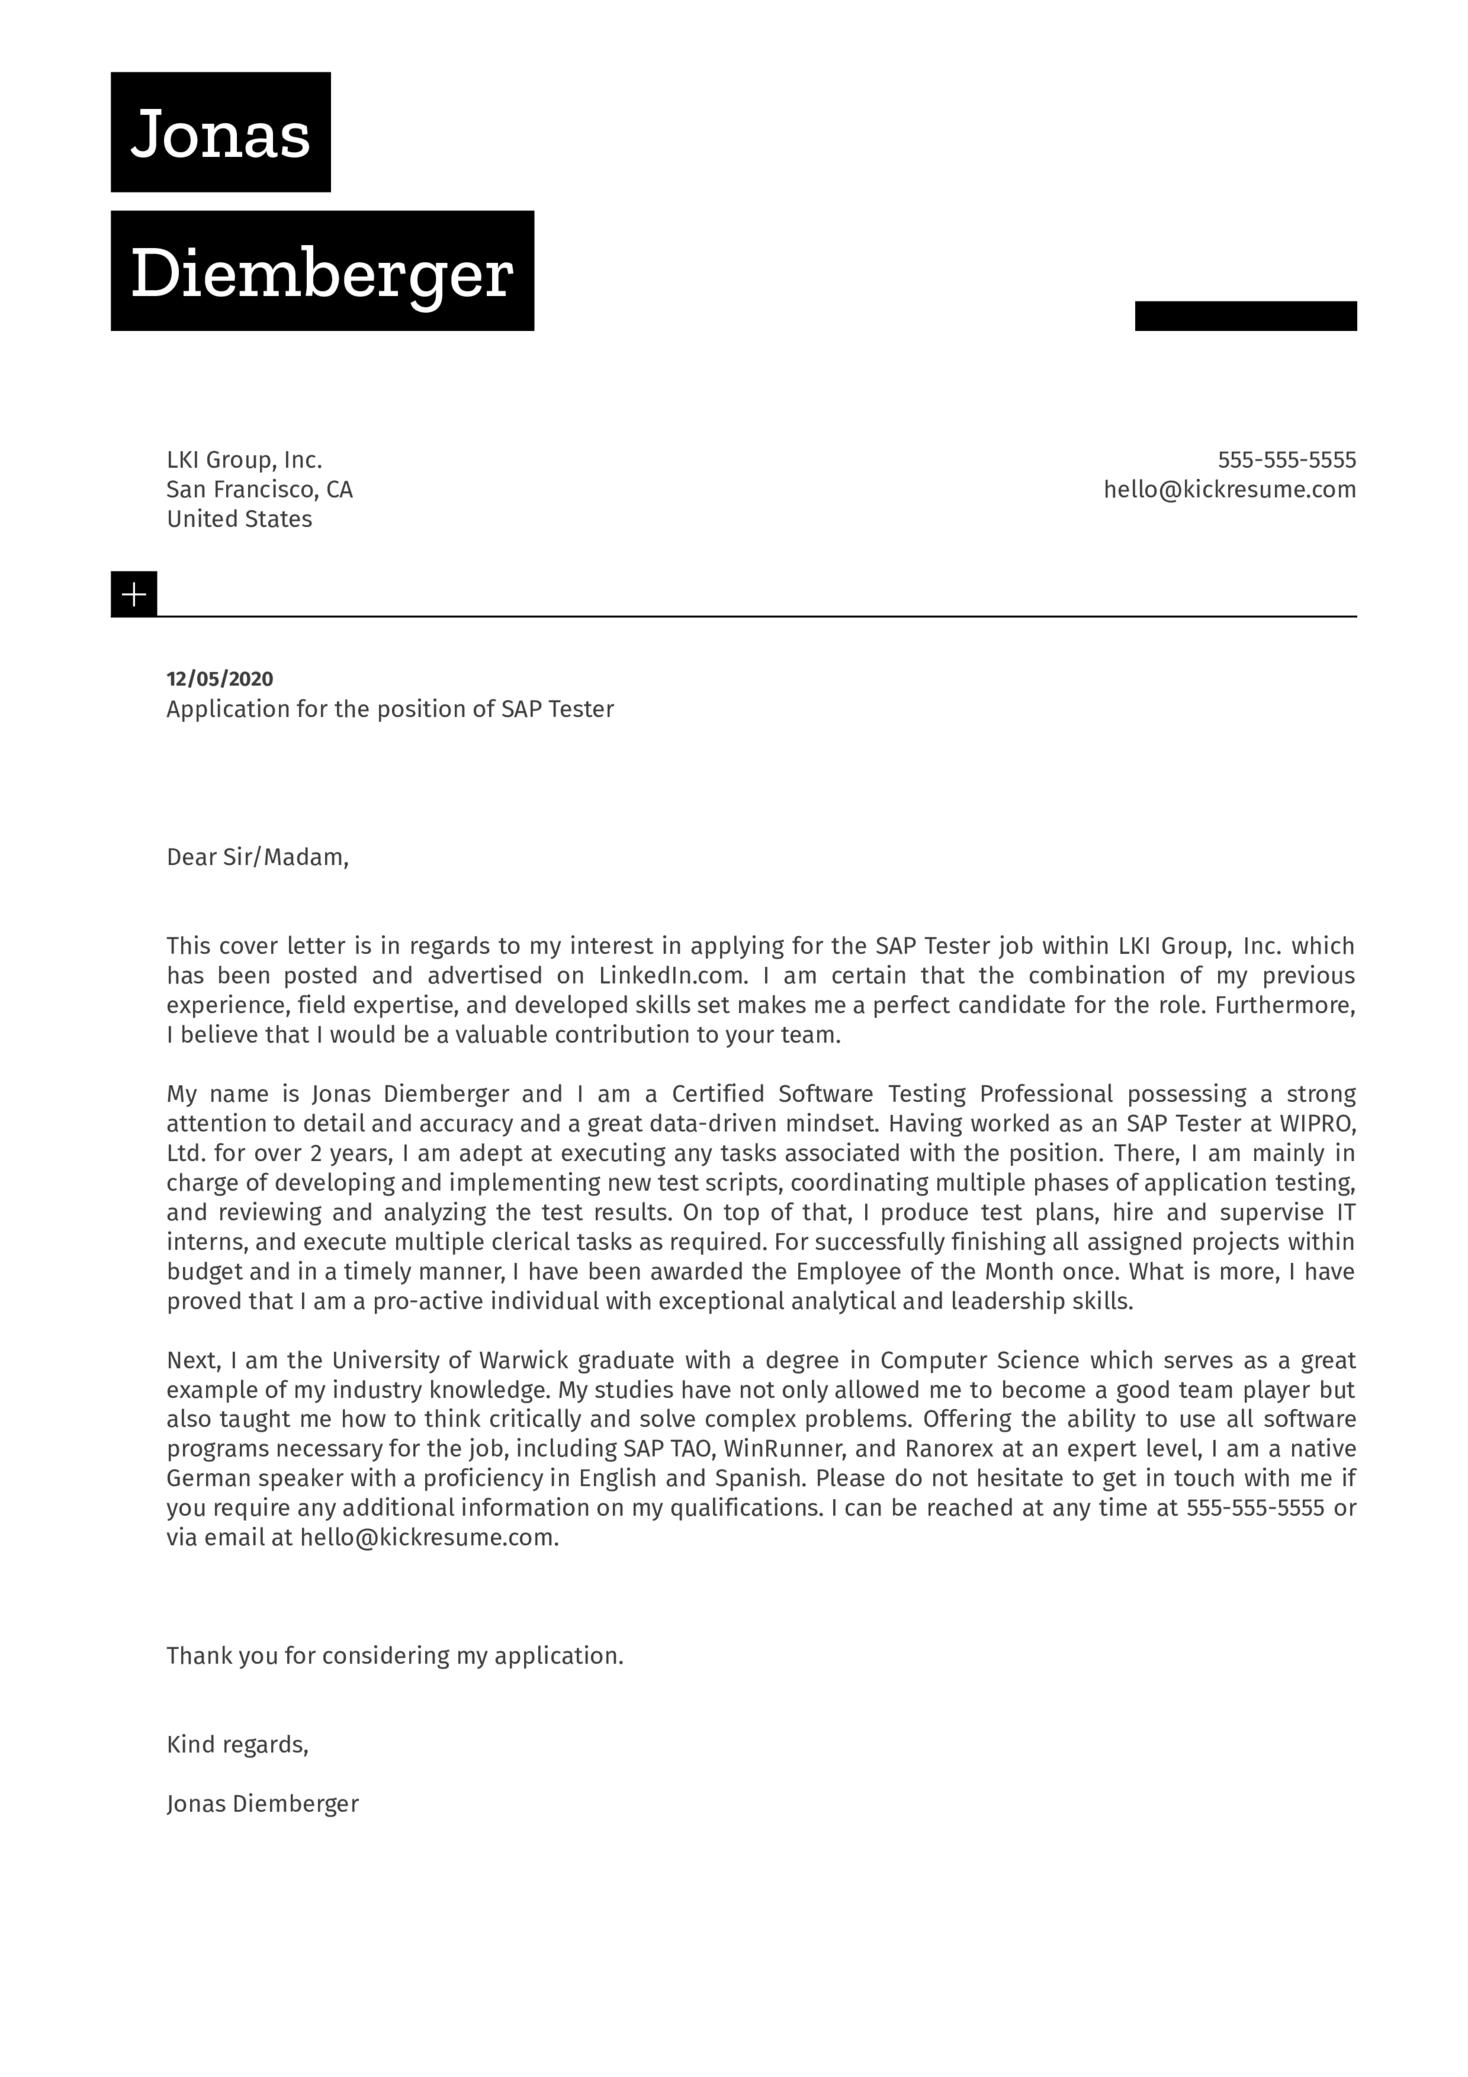 SAP Tester Cover Letter Sample